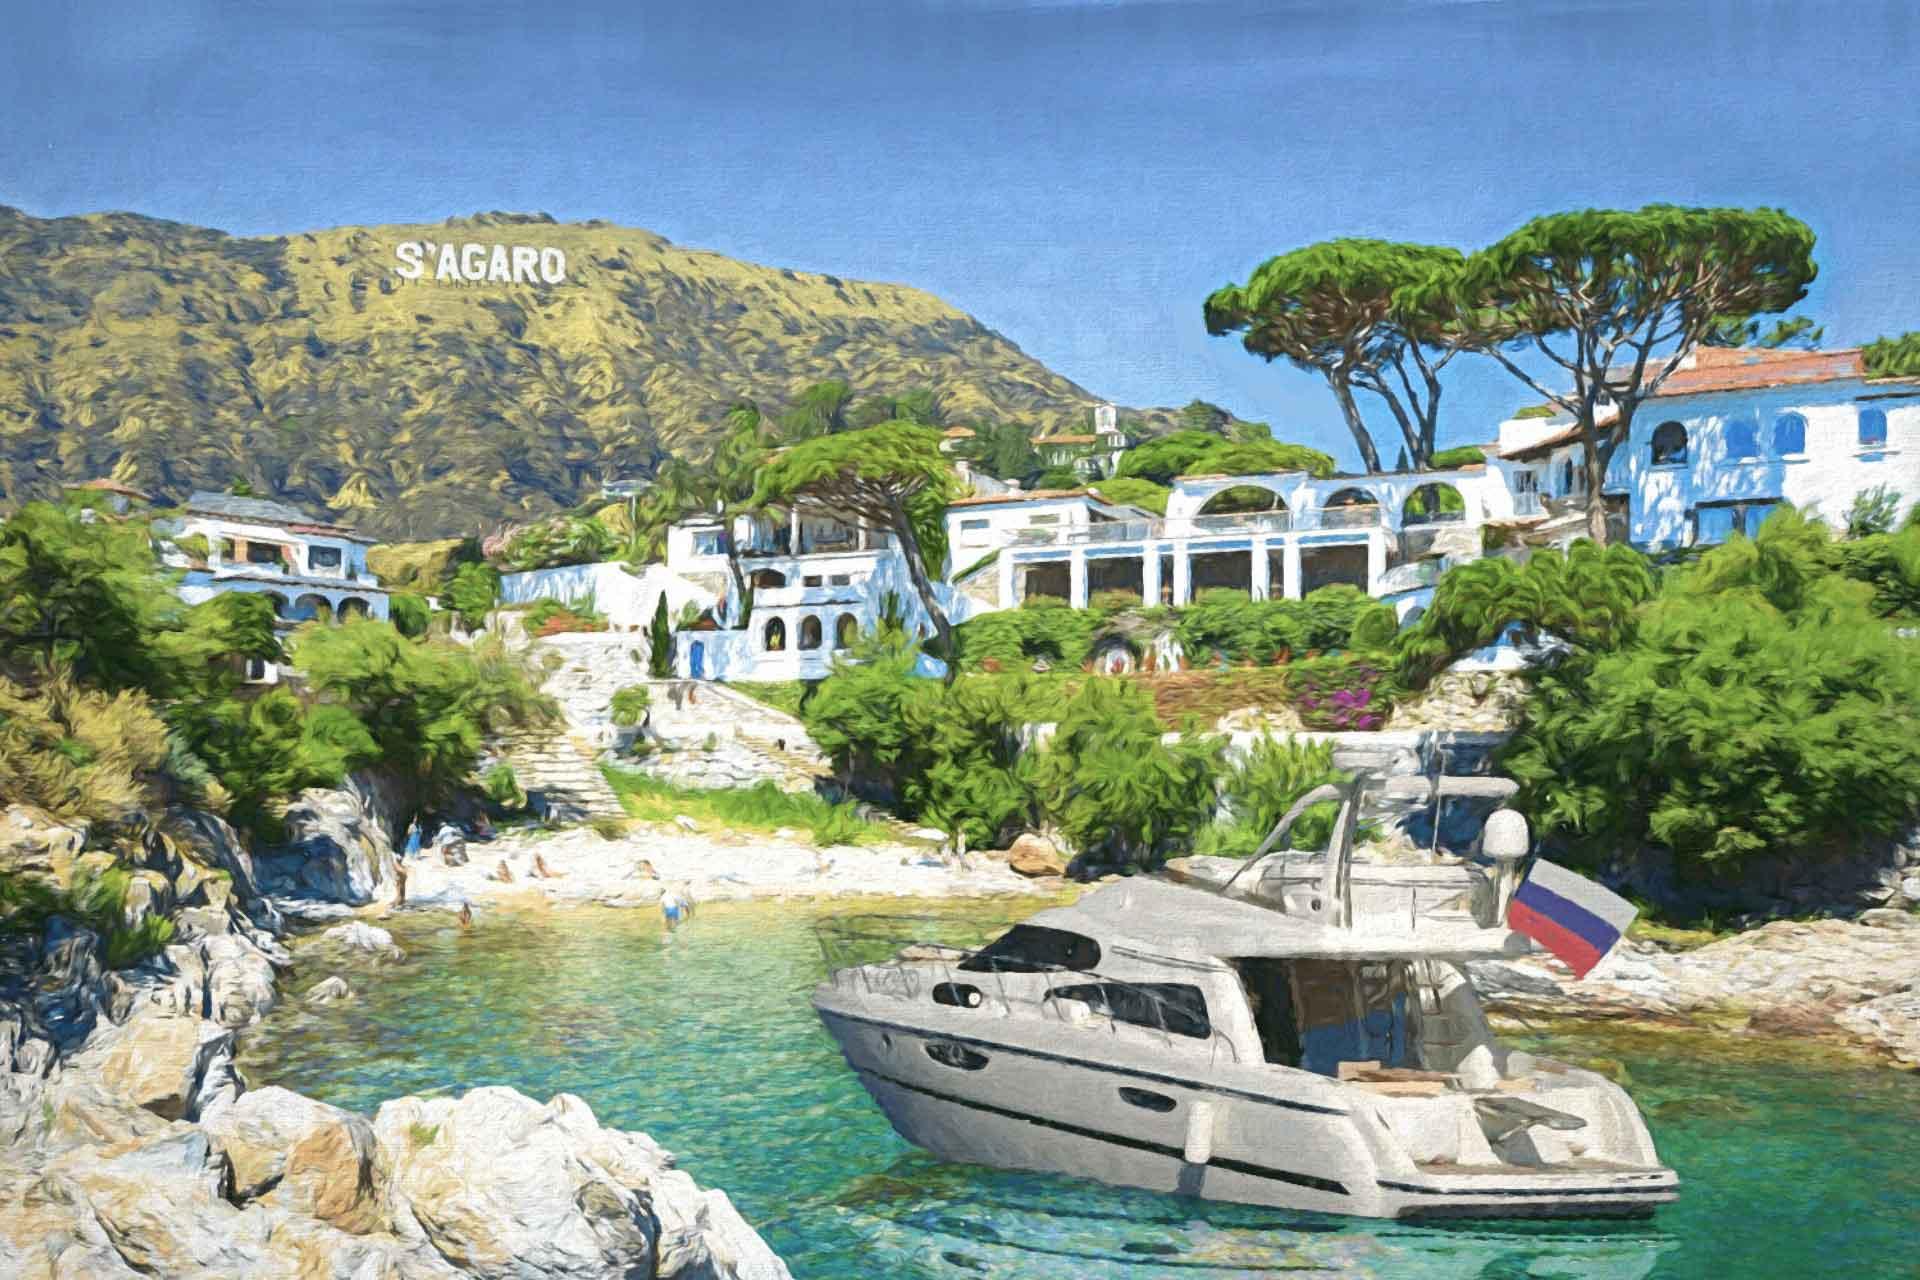 Laundromat Money Leads to Spanish Paradise - OCCRP